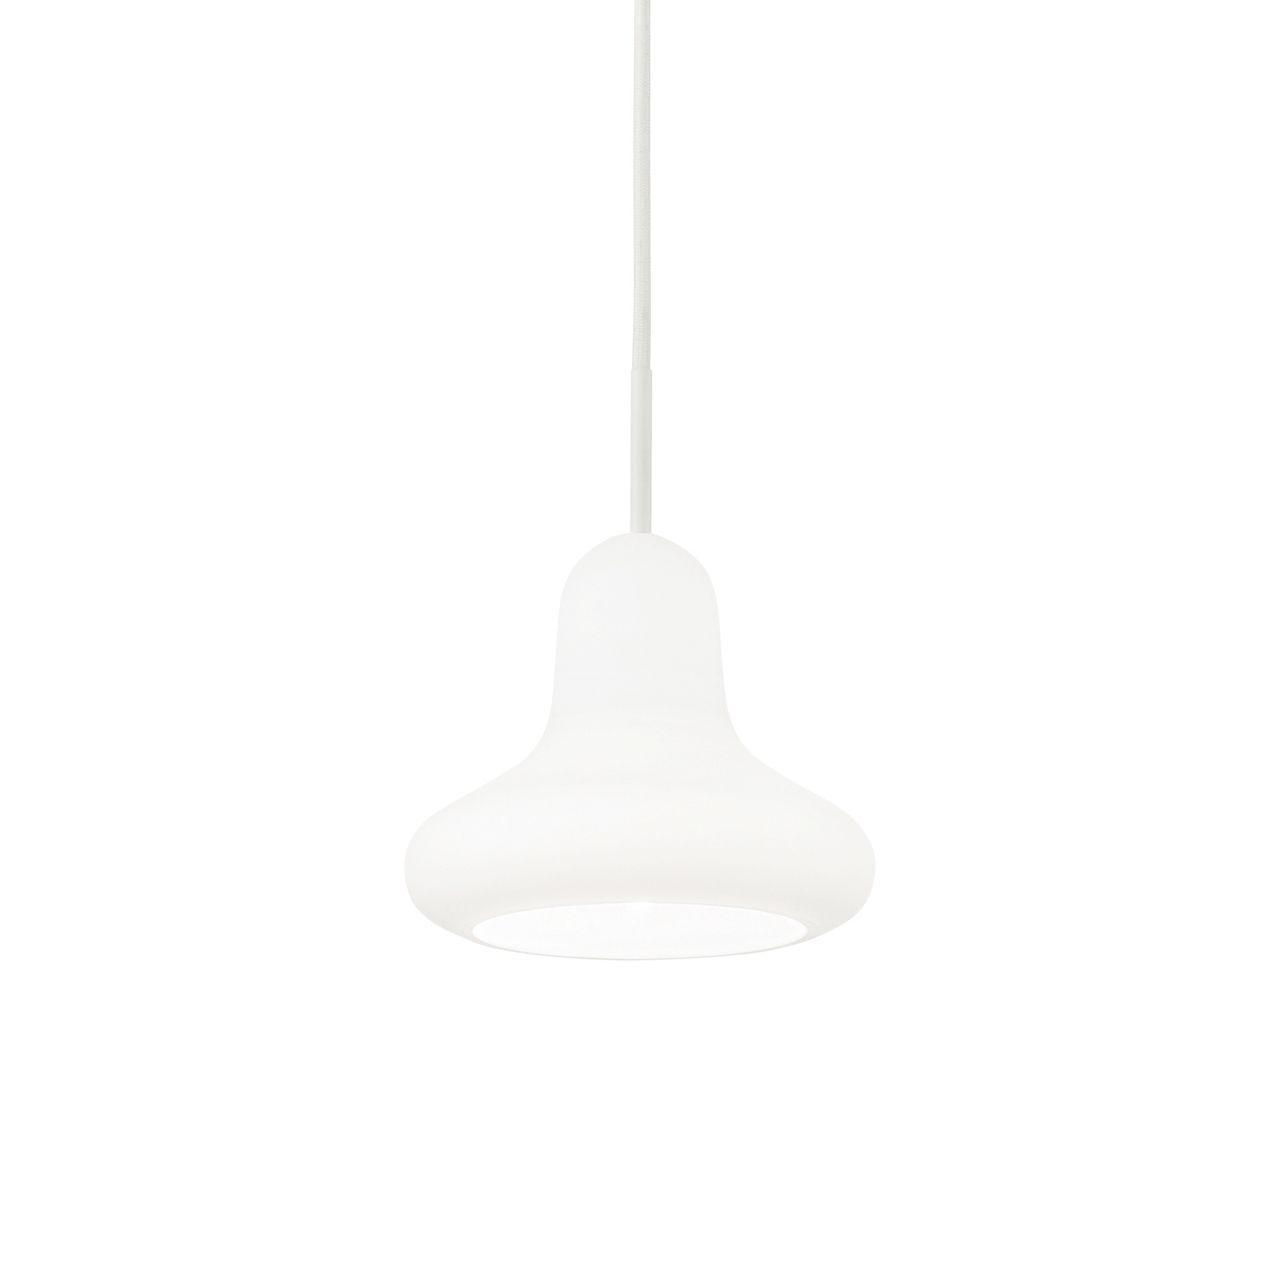 Подвесной светильник Ideal Lux Lido-1 SP1 Bianco подвесной светильник ideal lux lido 1 sp1 bianco